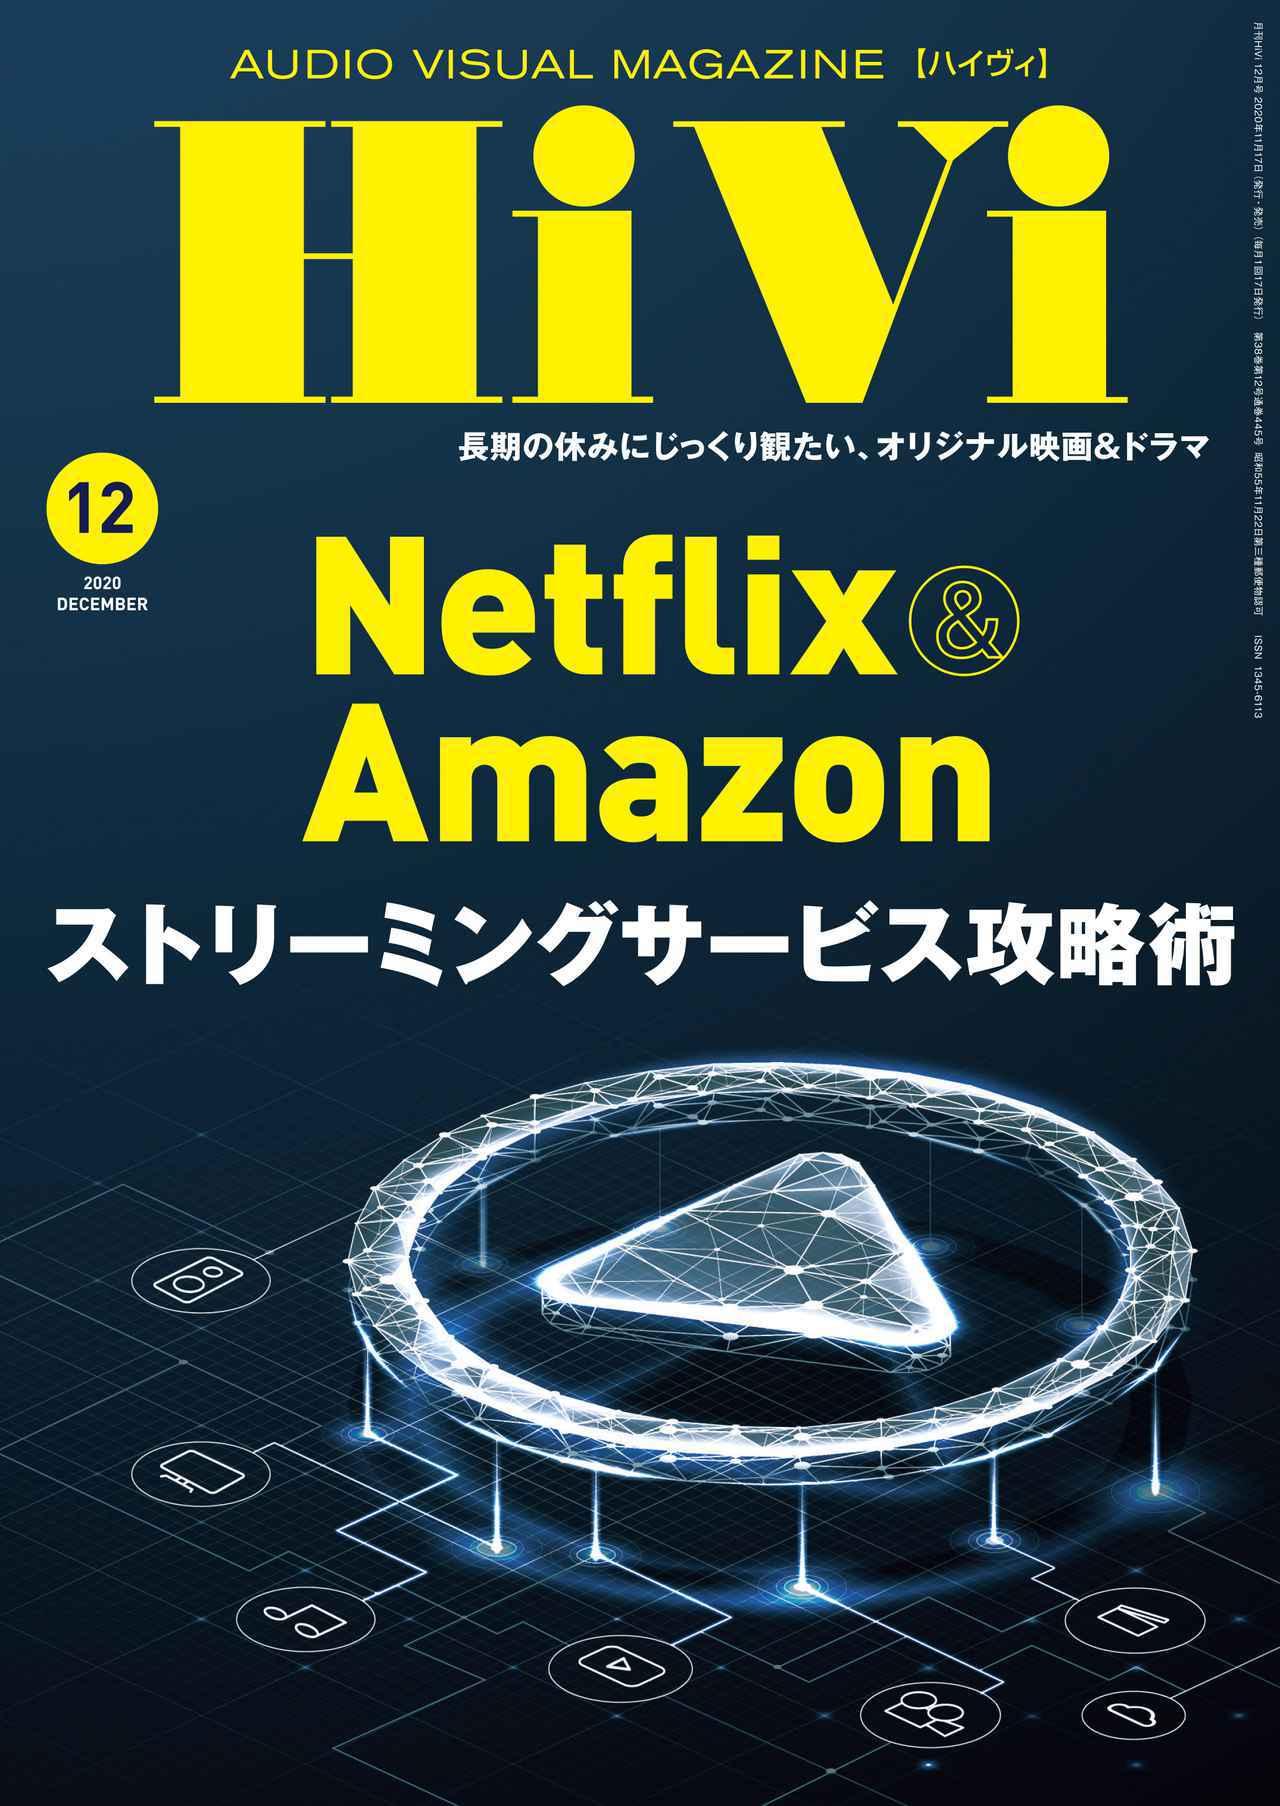 画像: Netflix&Amazon HiVi12月号は「ストリーミングサービス攻略術」を徹底解説